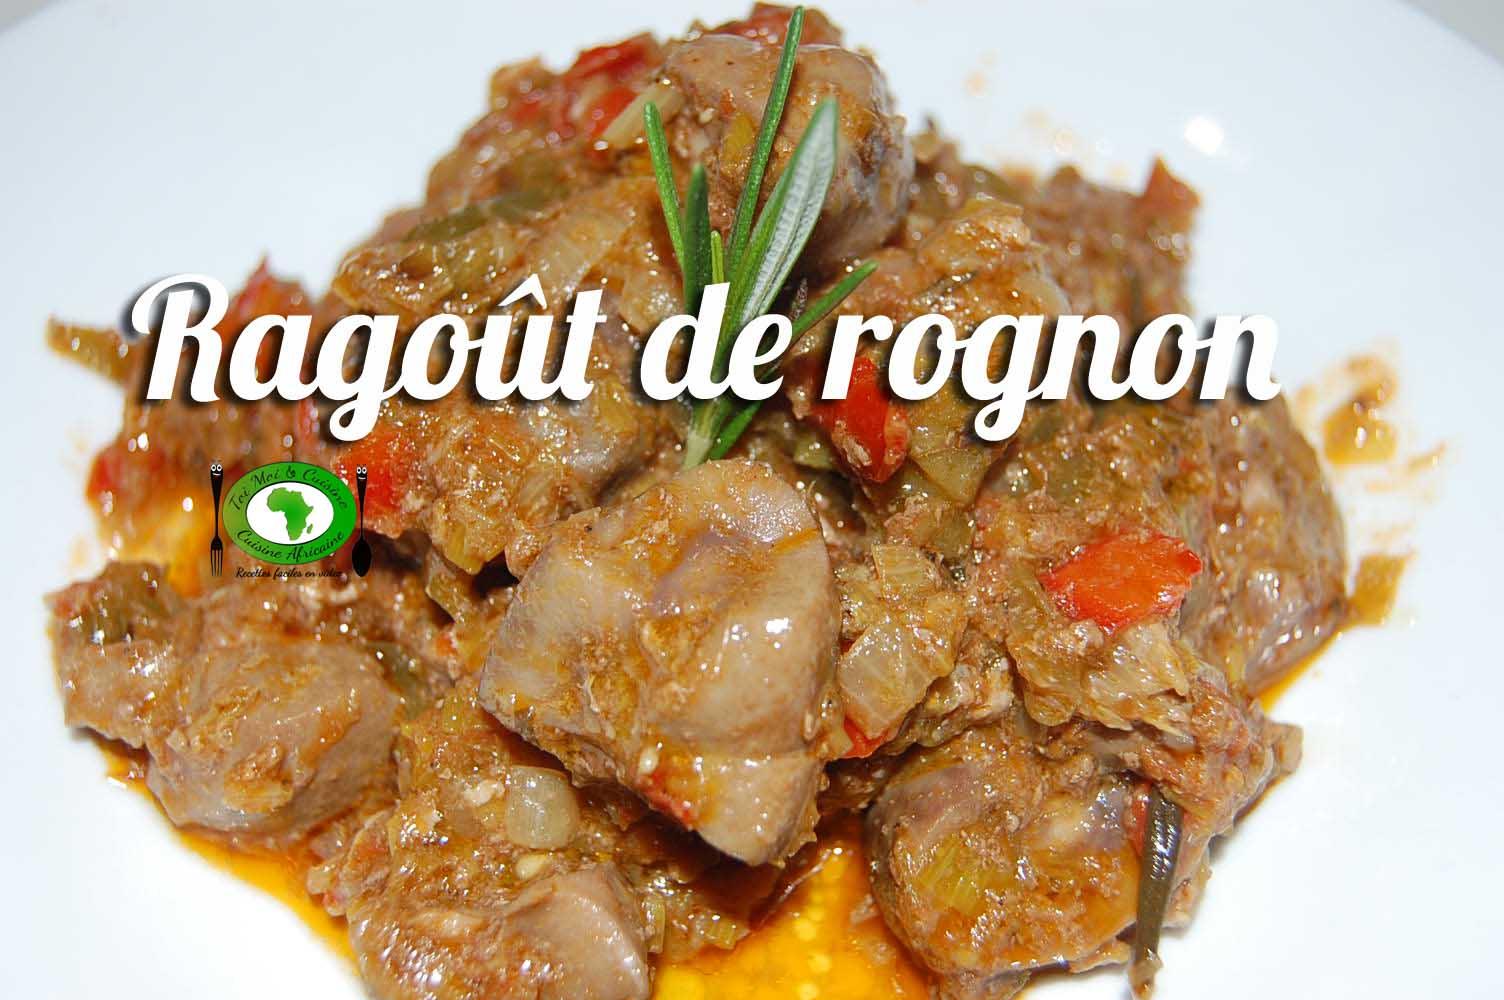 Rago t de rognon de veau tchop afrik 39 a cuisine - Cuisiner rognons de veau ...